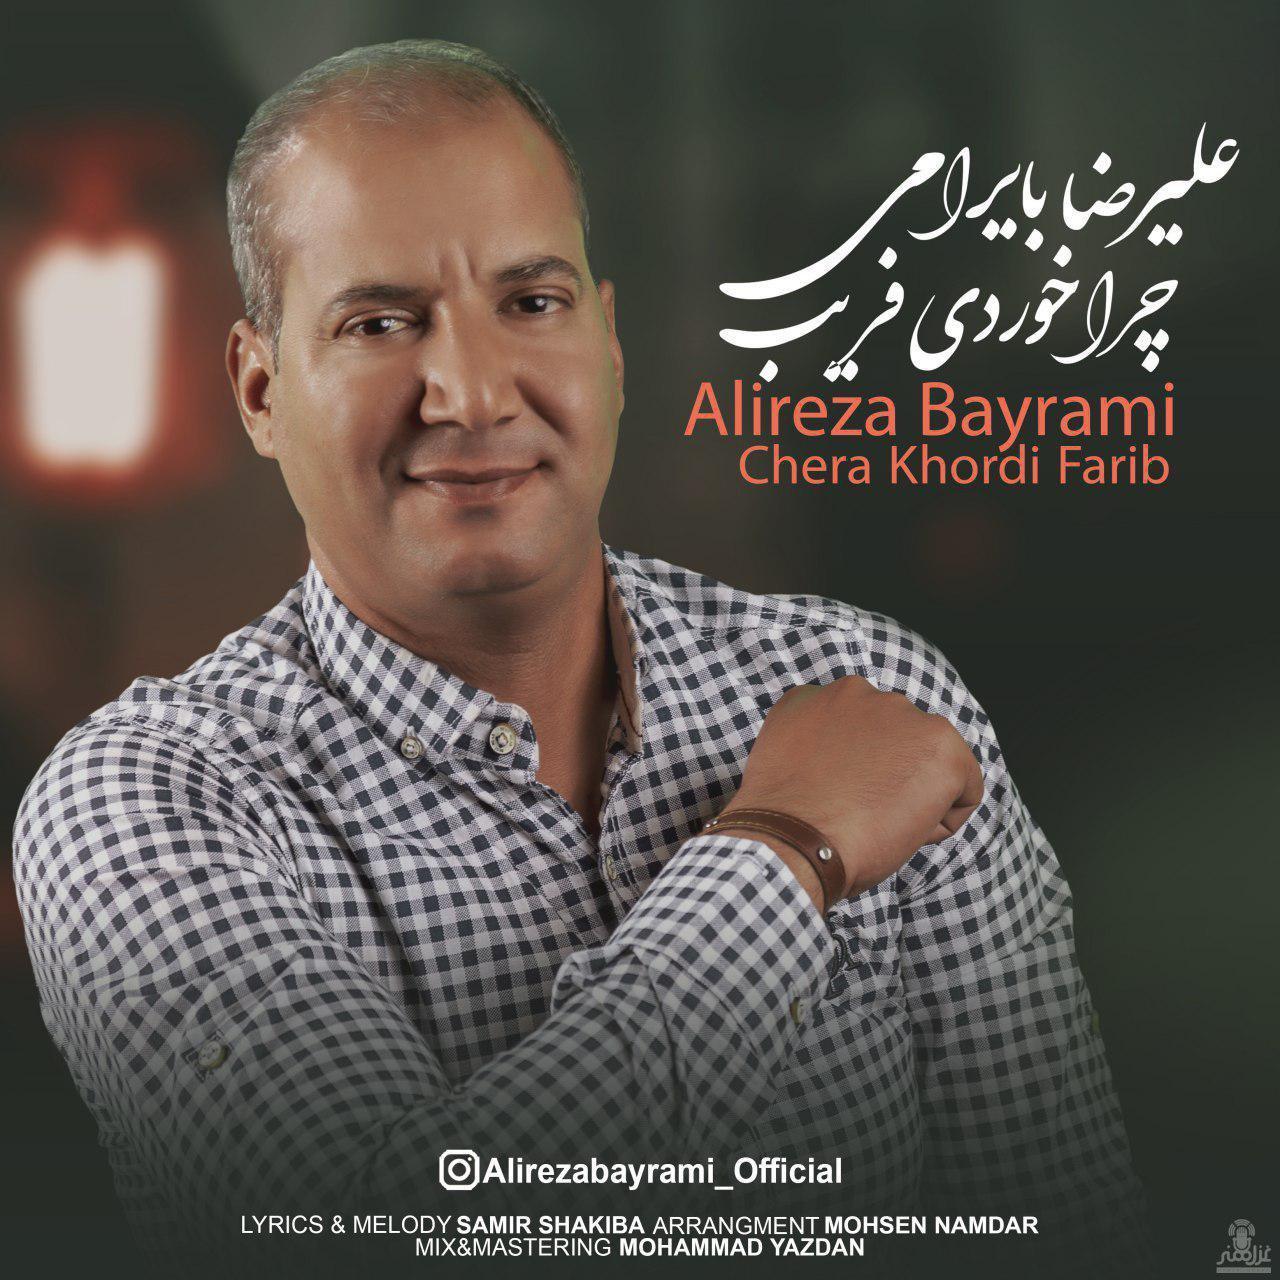 Alireza Bayrami – Chera Khordi Farib